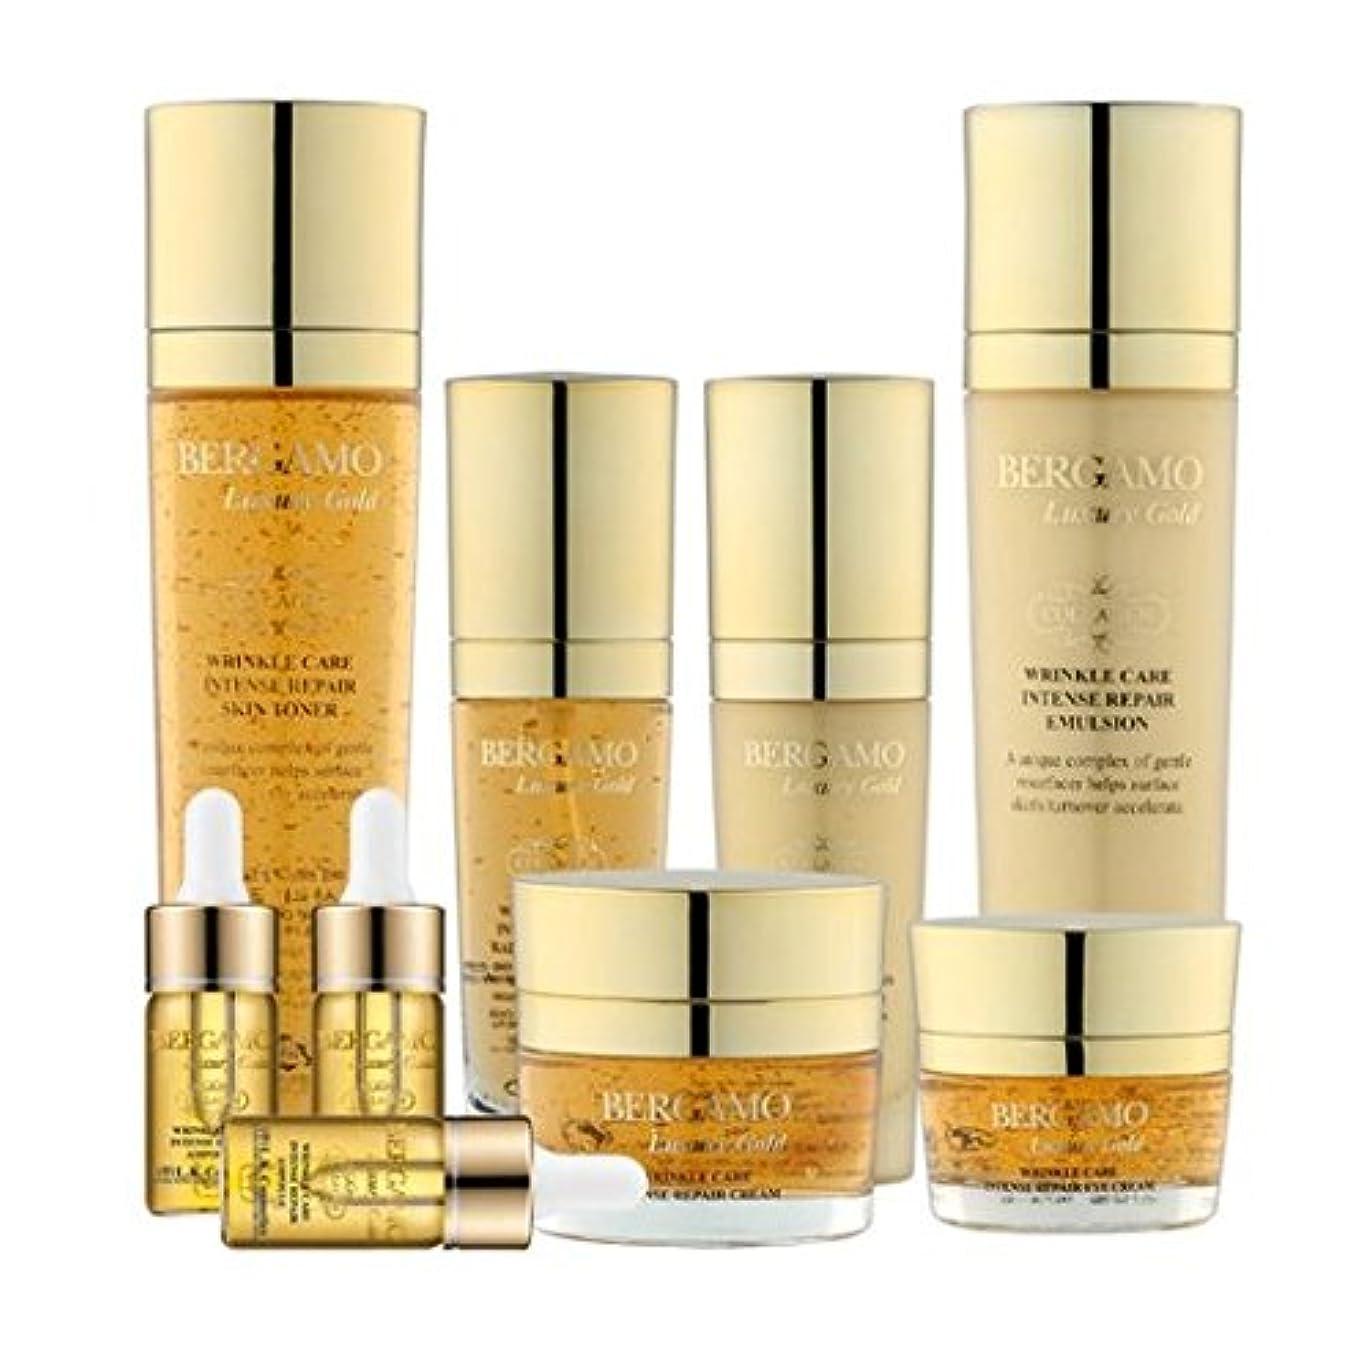 ミスペンド運動痛みベルガモ[韓国コスメBergamo]Luxury Gold Collagen Set ラグジュアリーゴールドコラーゲン9セット,ギフトセット,トナー,エマルジョン,エッセンス、アイクリーム、クリーム、アンプル [並行輸入品]